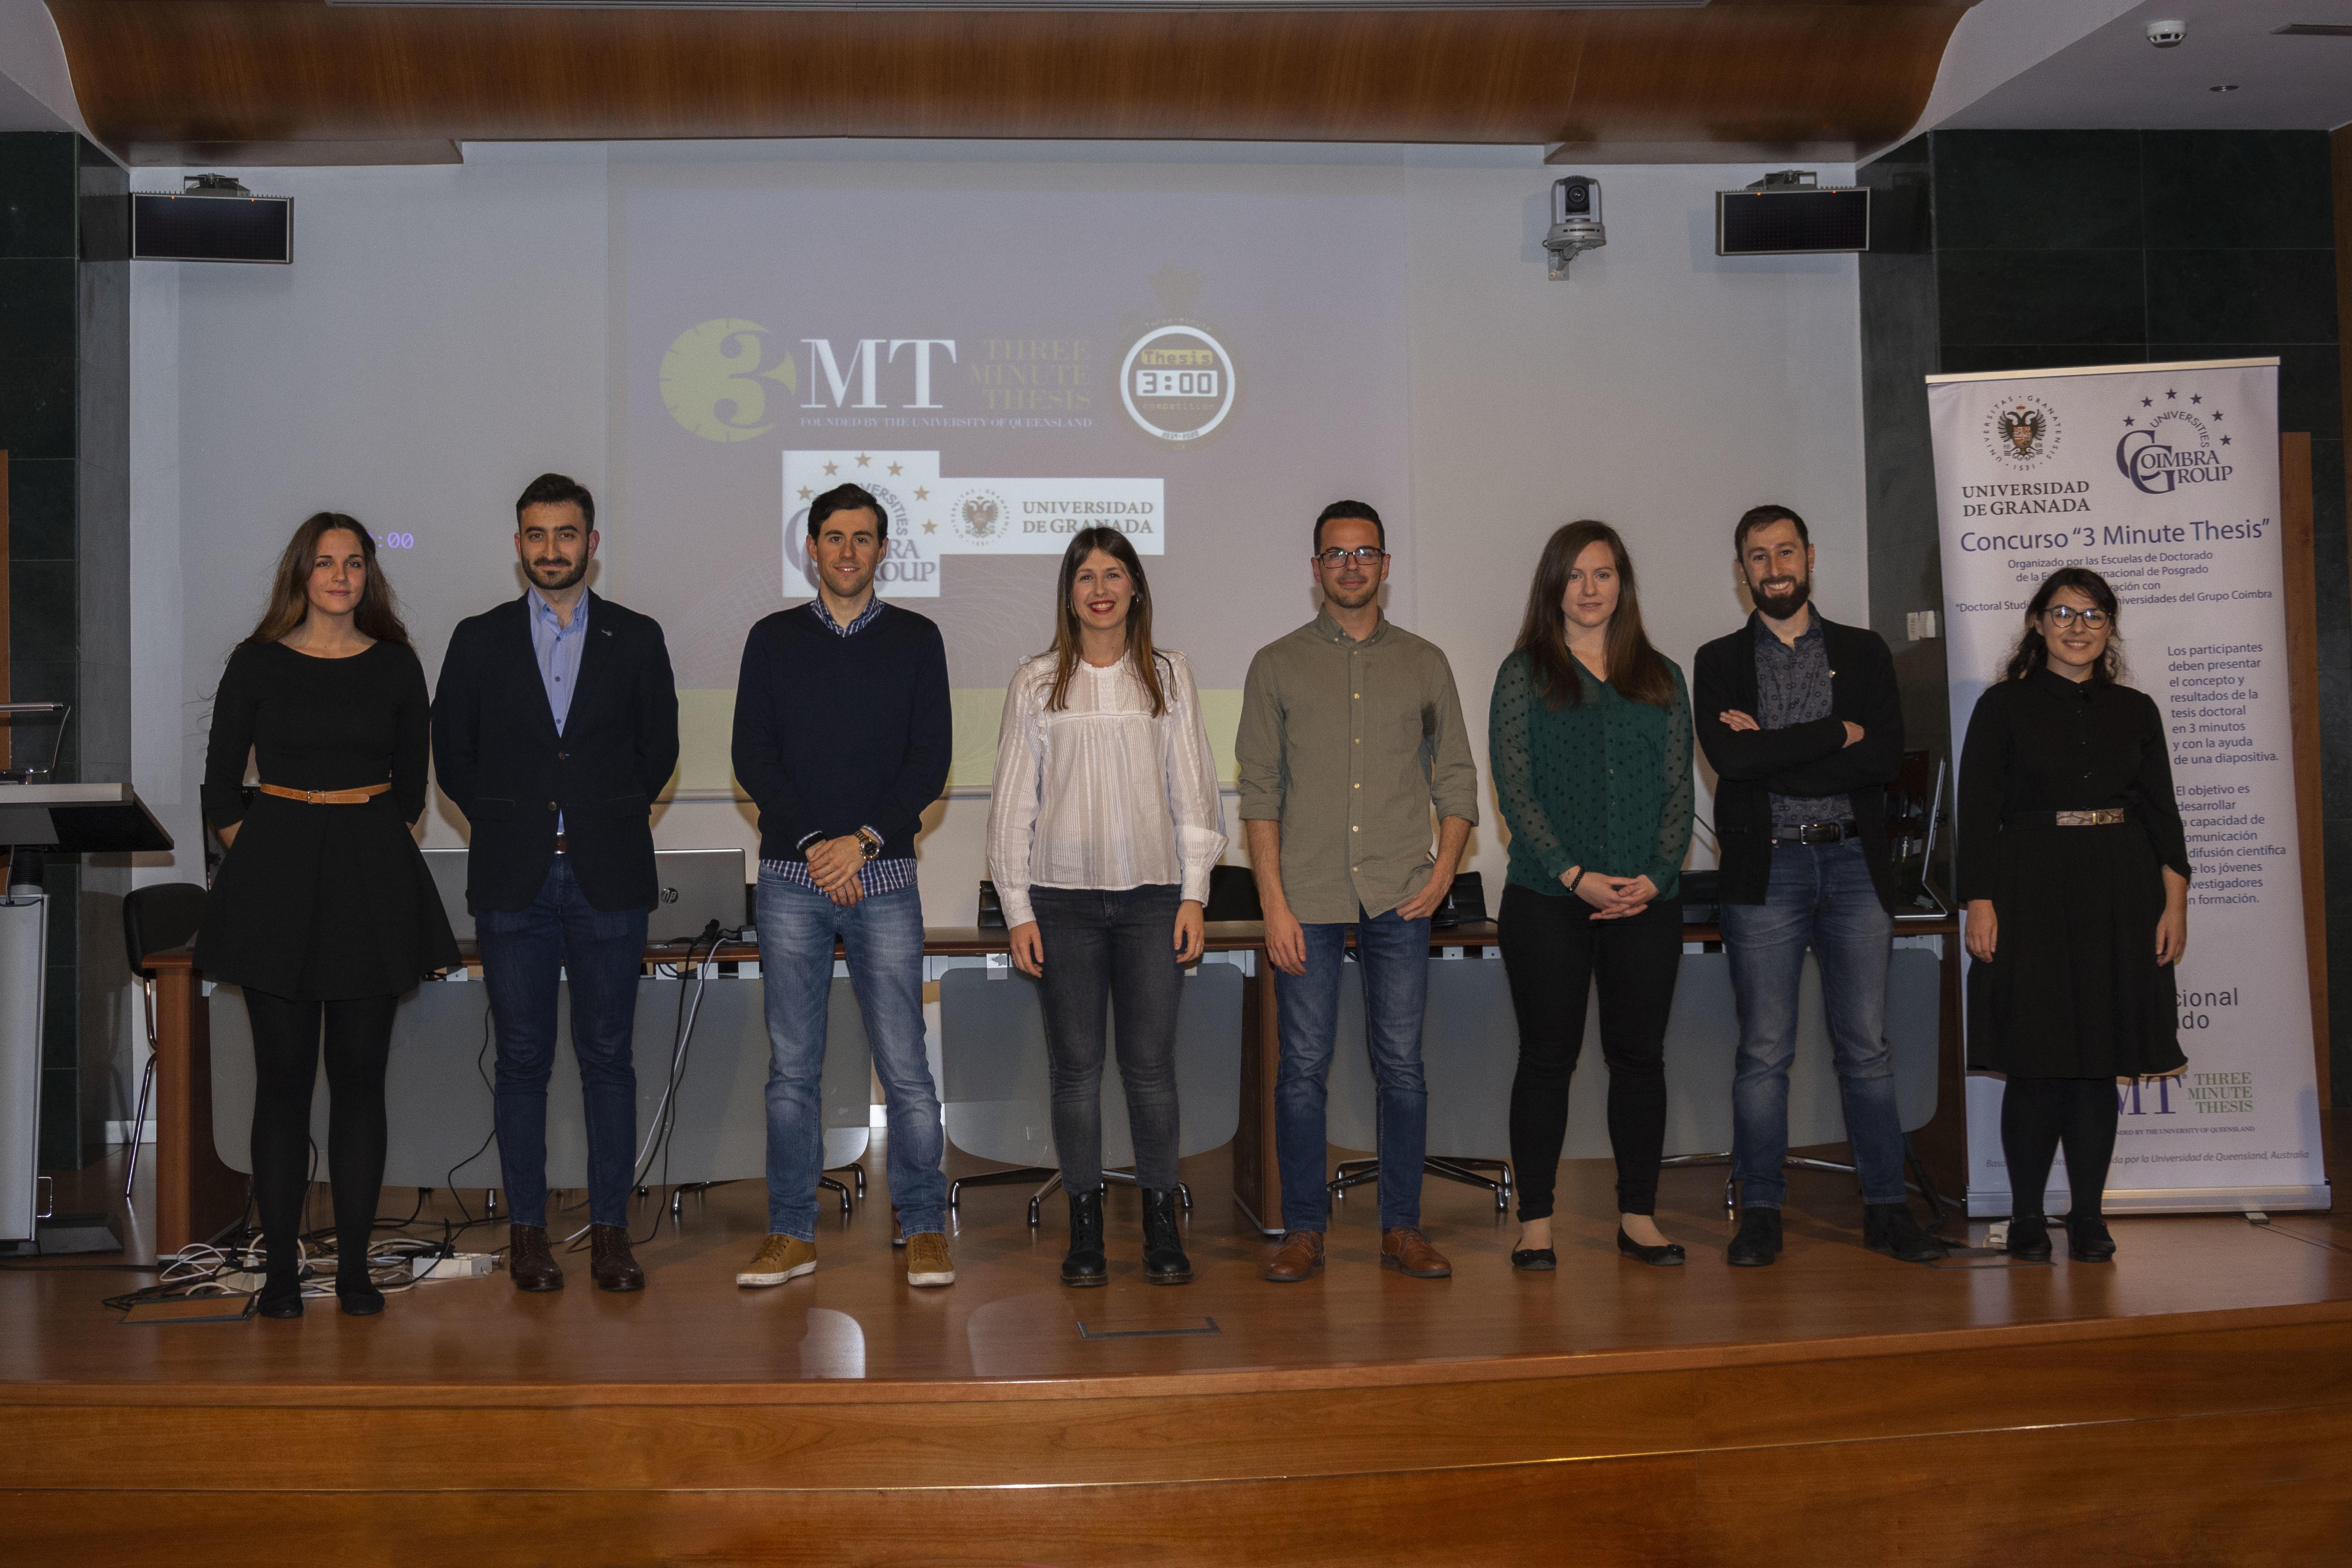 La UGR celebra de manera virtual la final del concurso '3 Minute Thesis', en el que participan 8 doctorandos